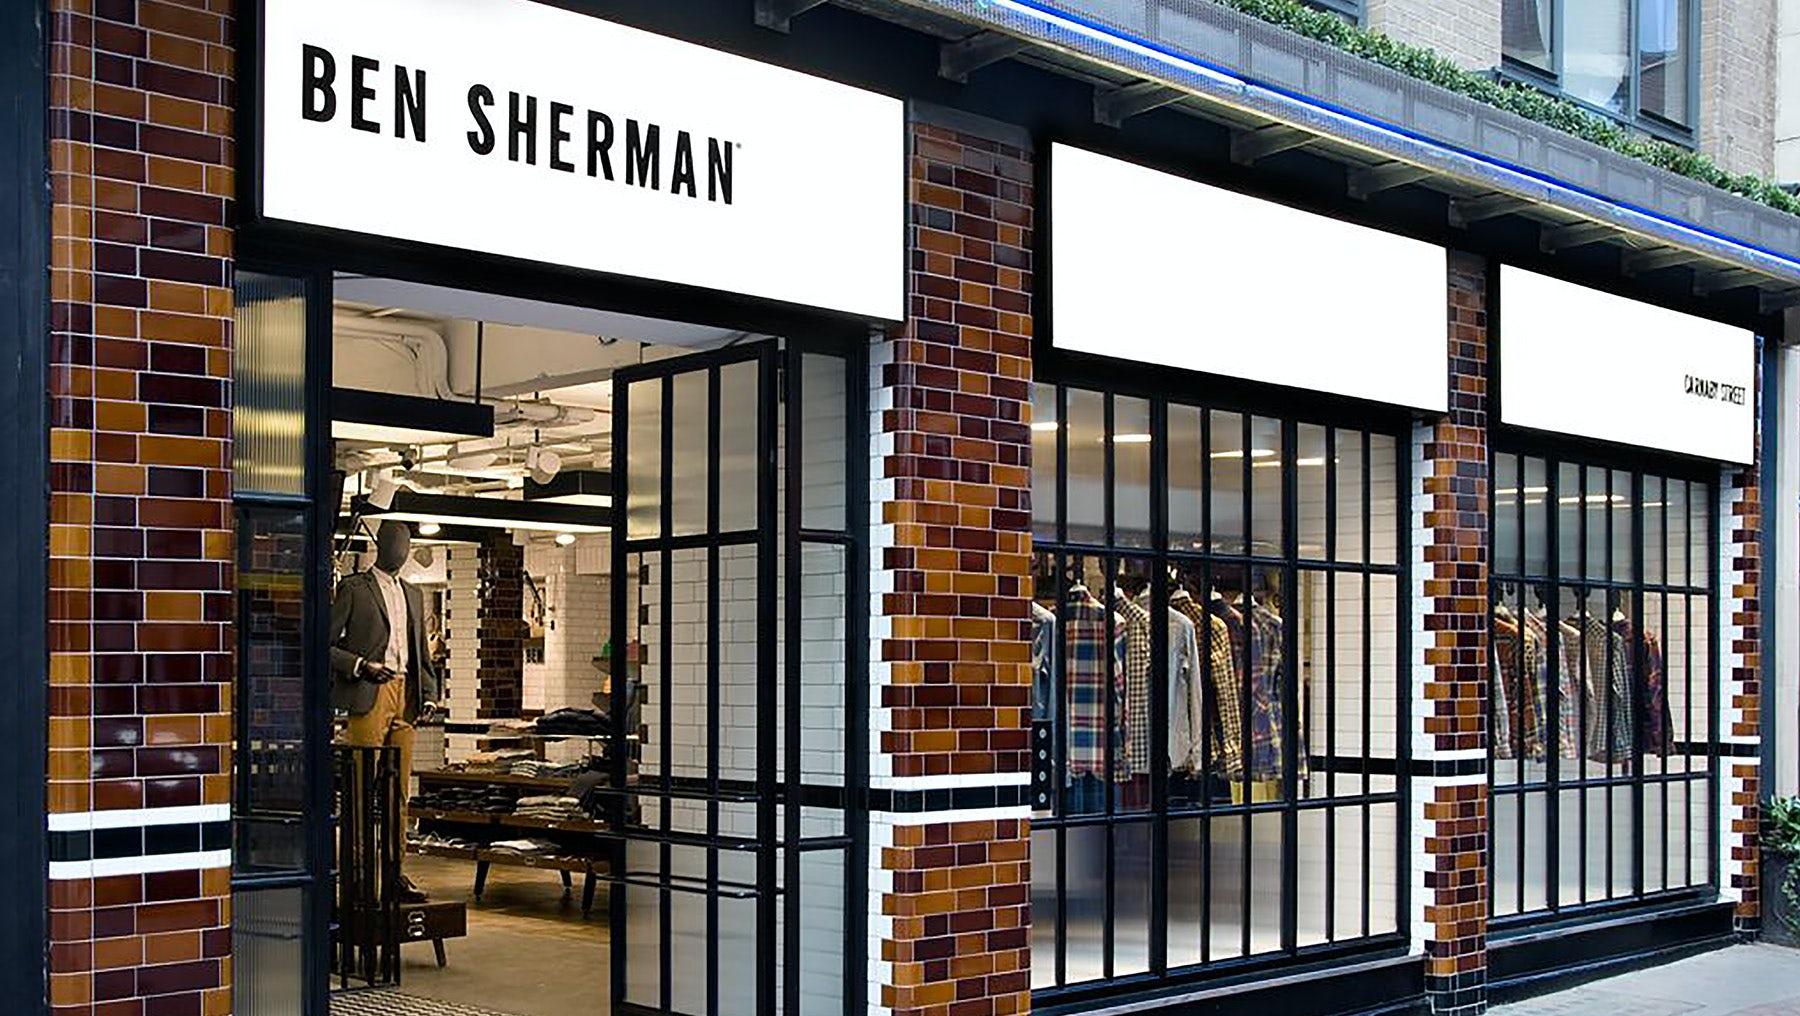 Ben Sherman store | Source: Courtesy